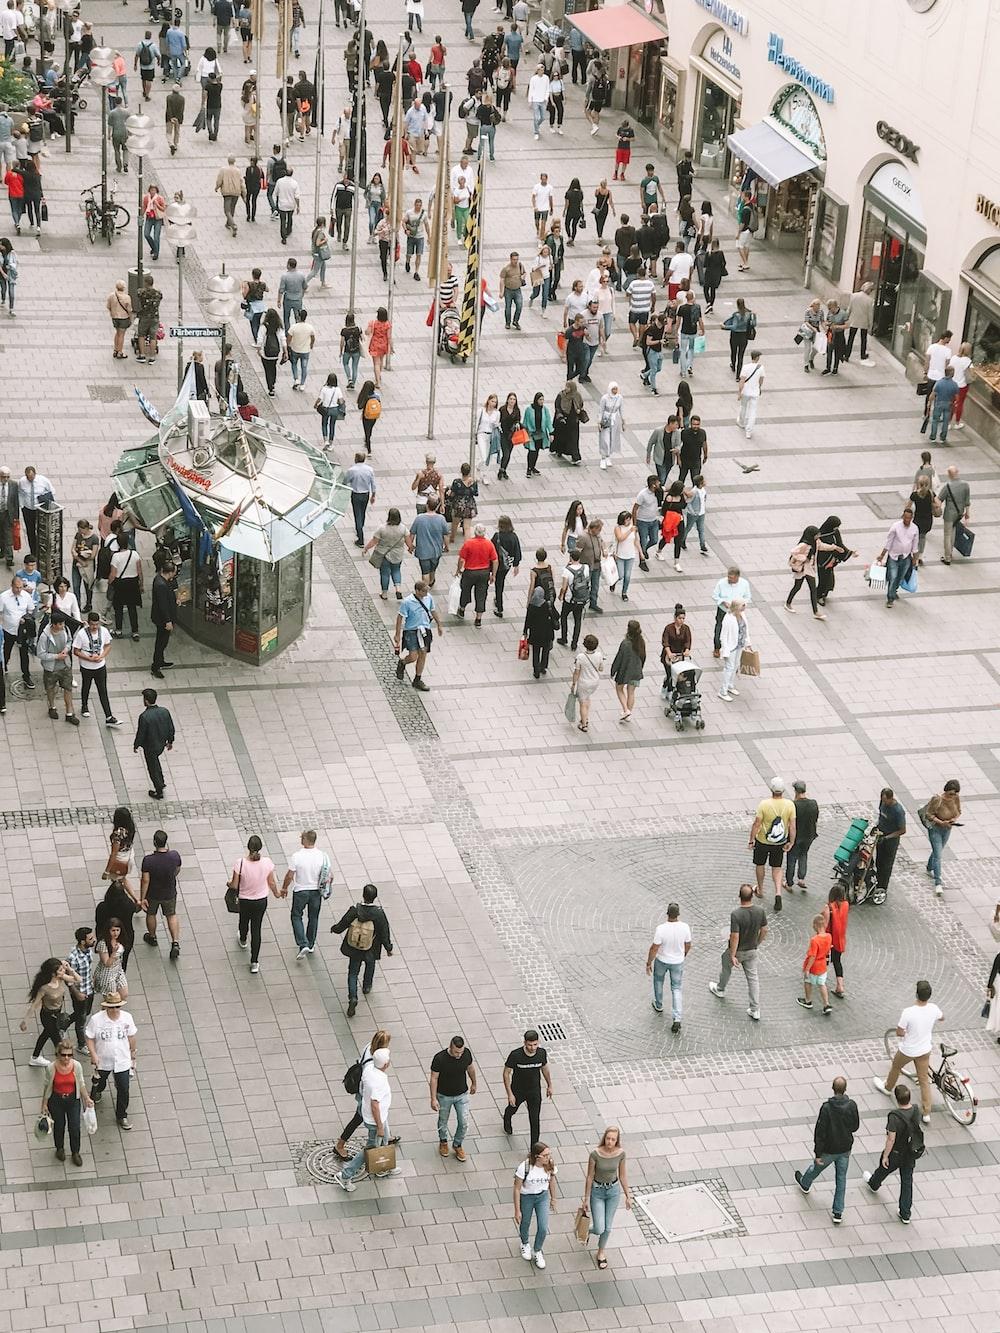 people walking outside store